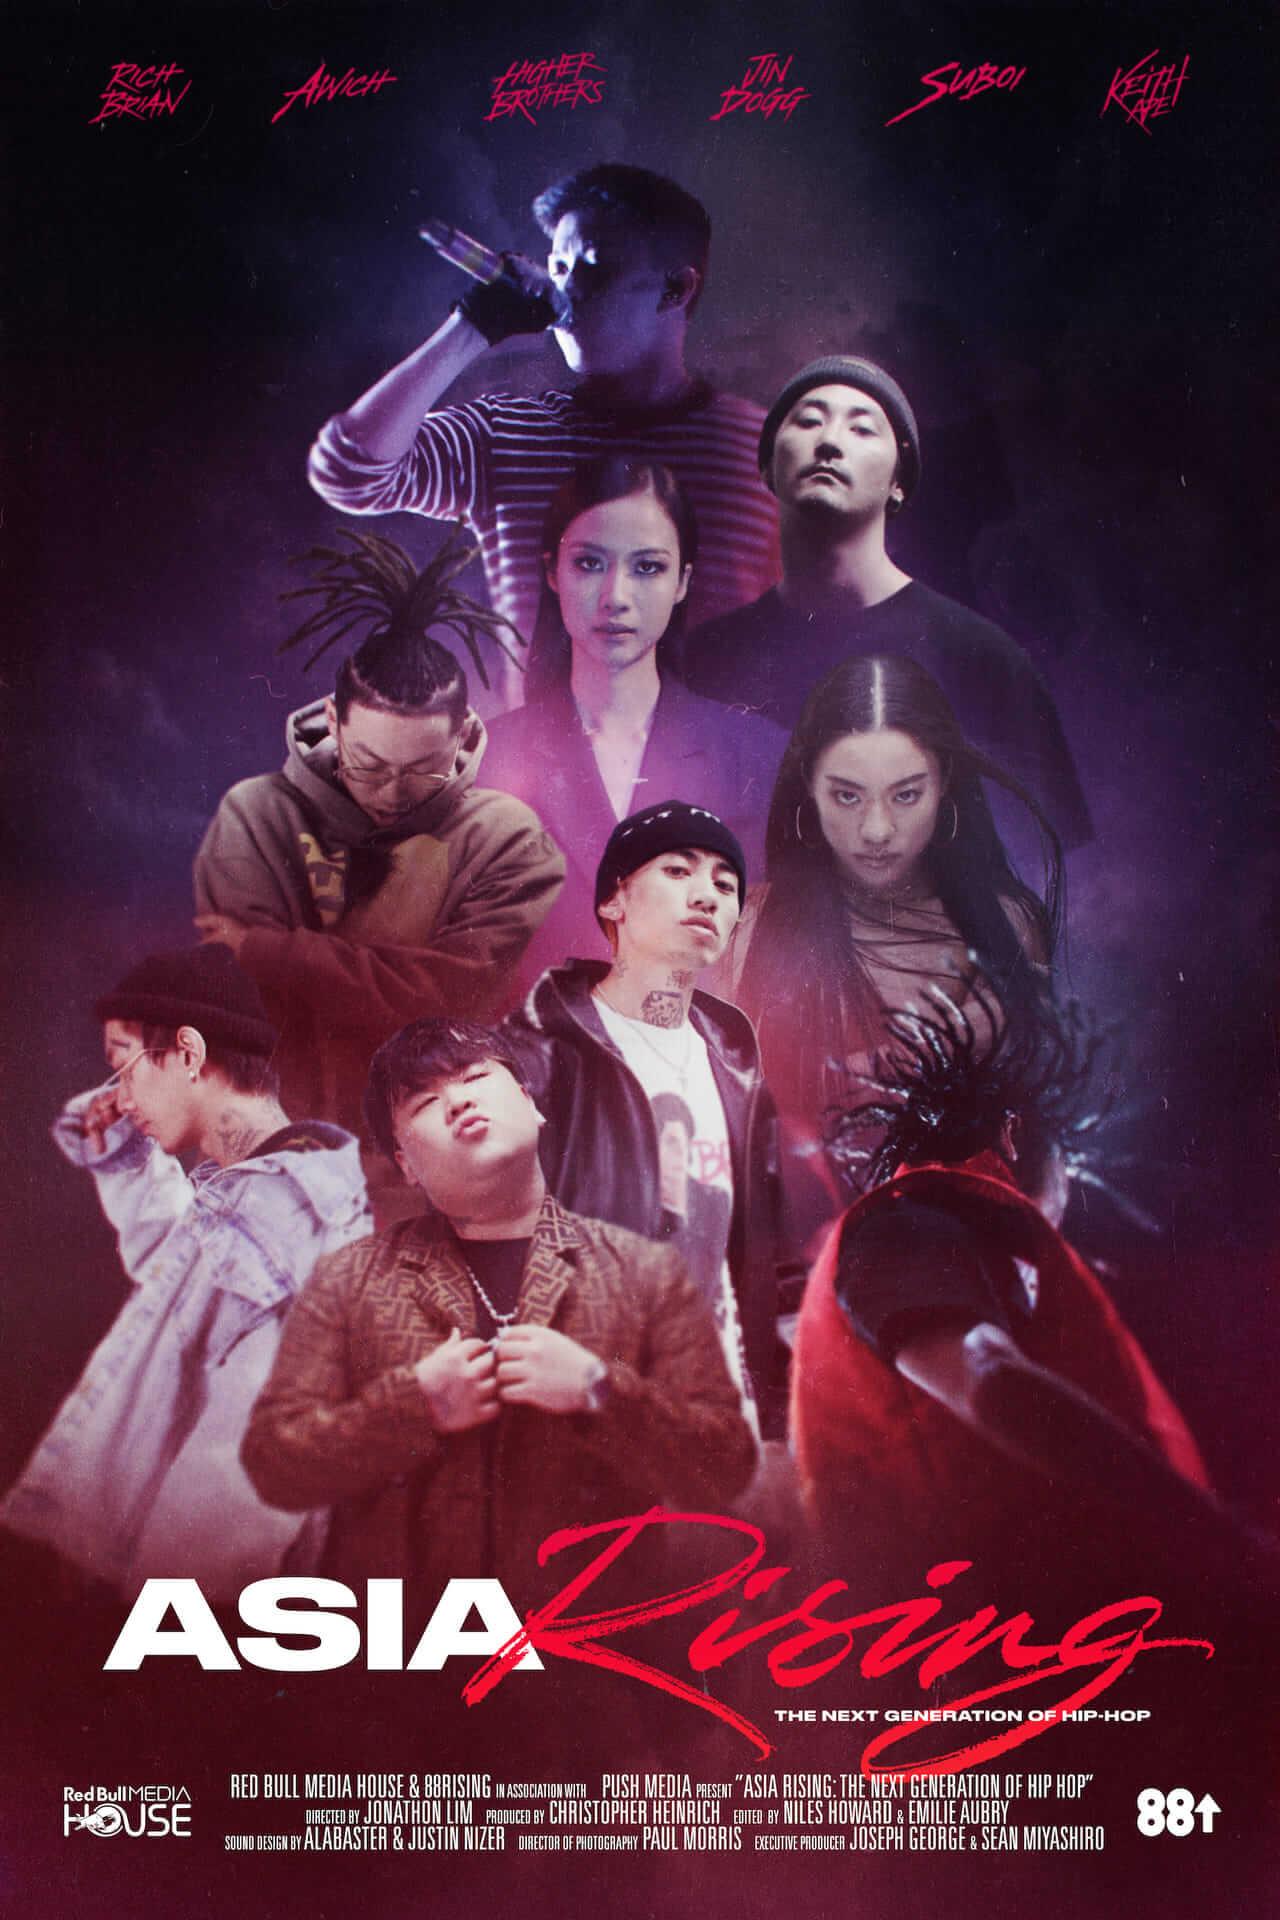 レッドブルと88rising共同製作ドキュメンタリー「Asia Rising – The Next Generation of Hip Hop」公開 ― Awich、Jin Doggも登場